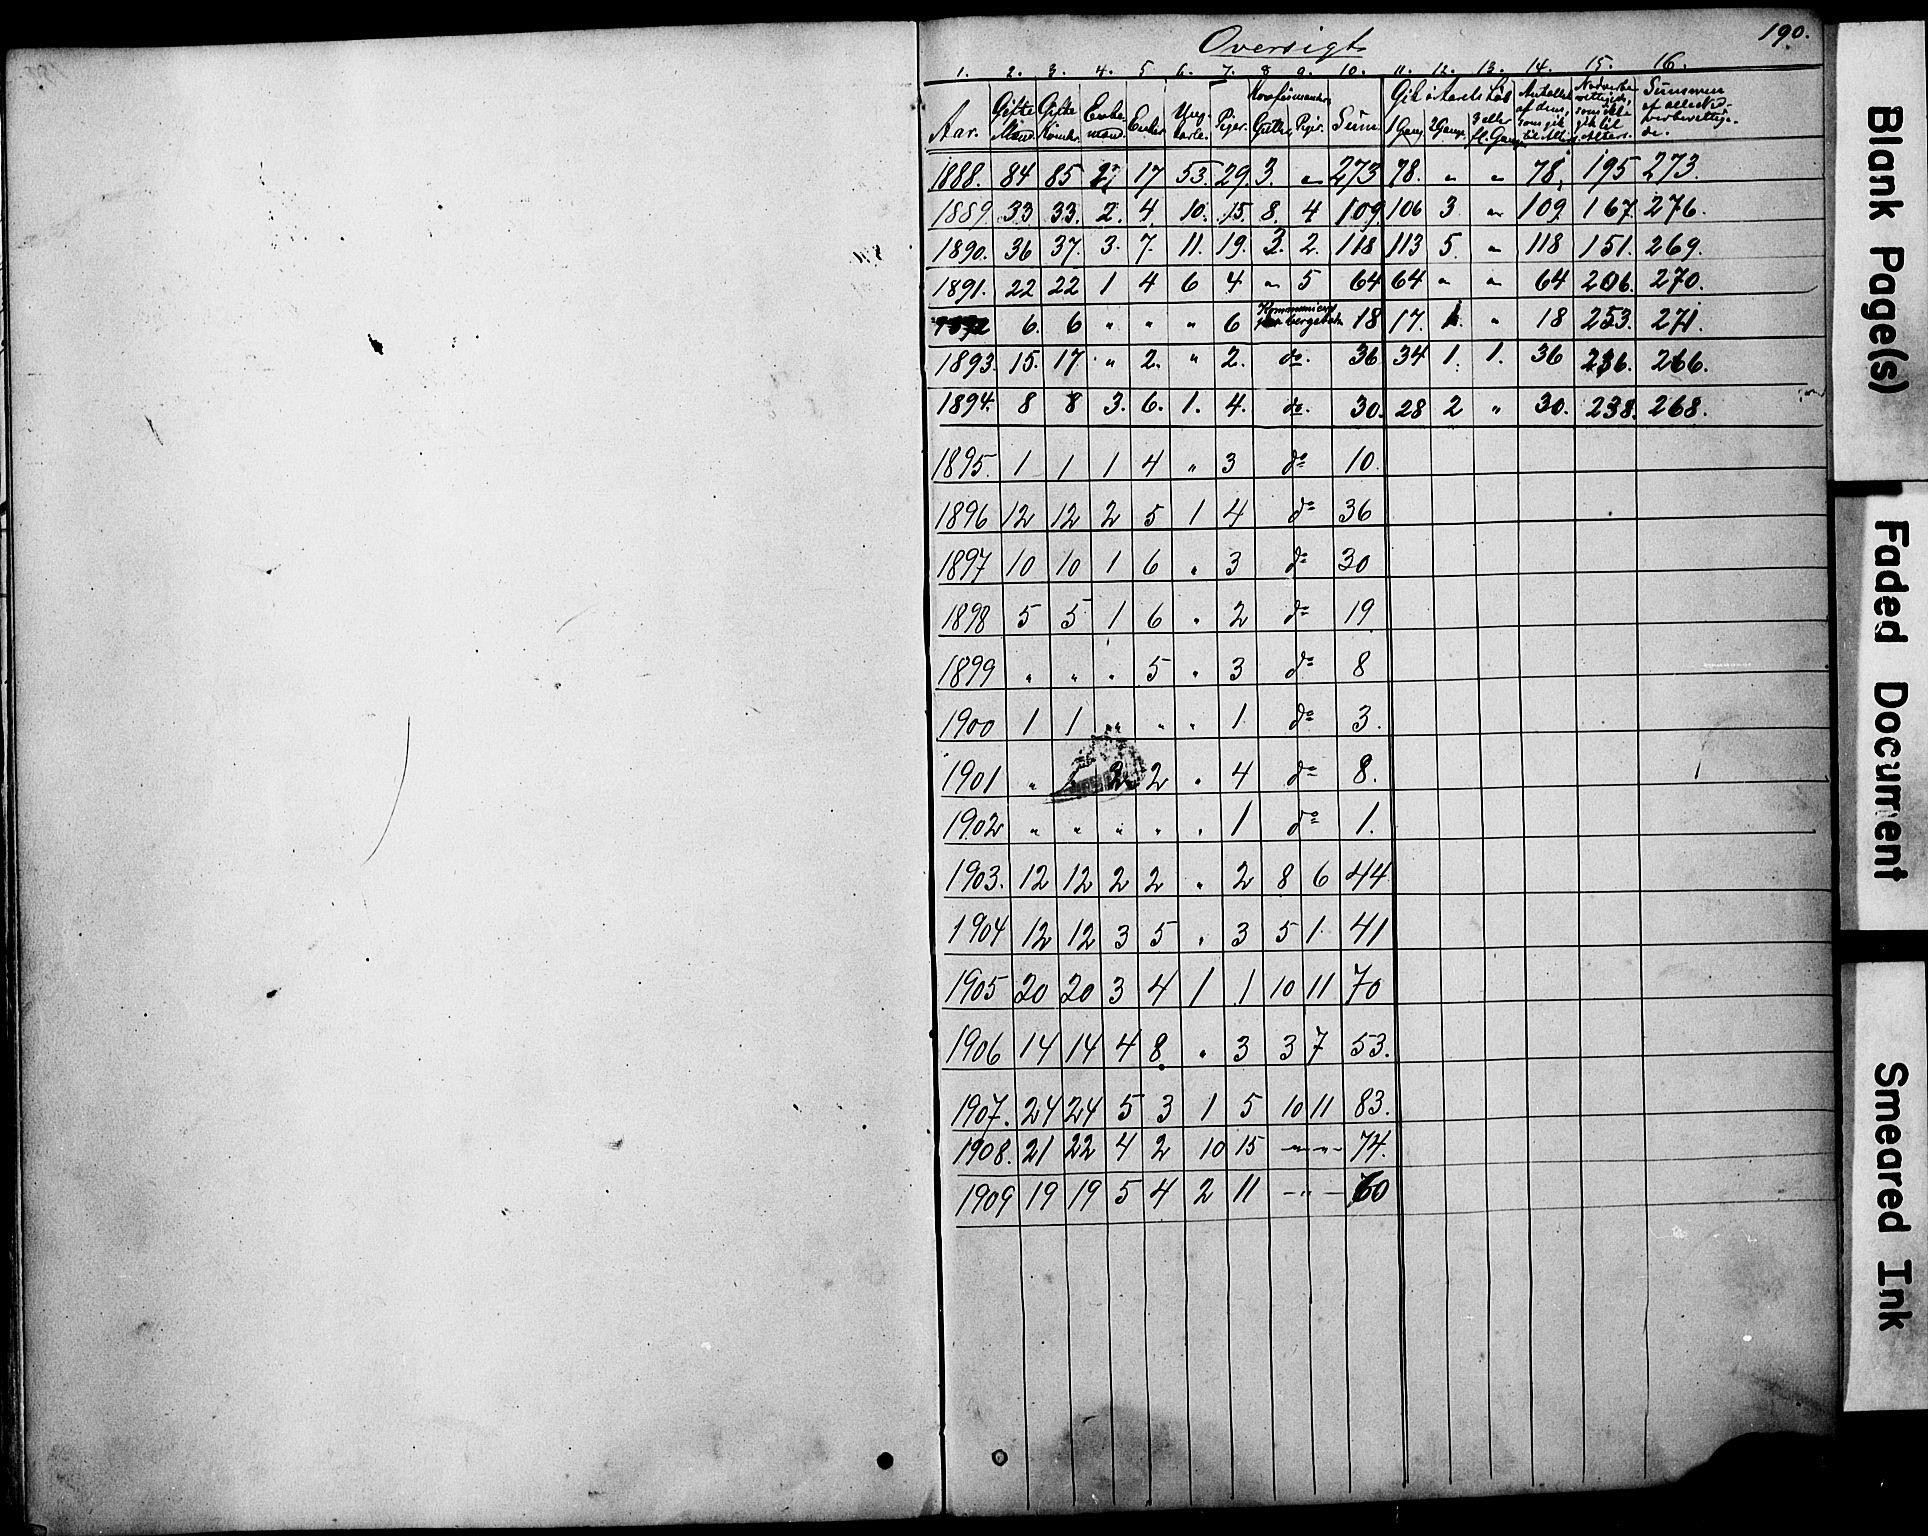 SAT, Ministerialprotokoller, klokkerbøker og fødselsregistre - Sør-Trøndelag, 683/L0949: Klokkerbok nr. 683C01, 1880-1896, s. 190